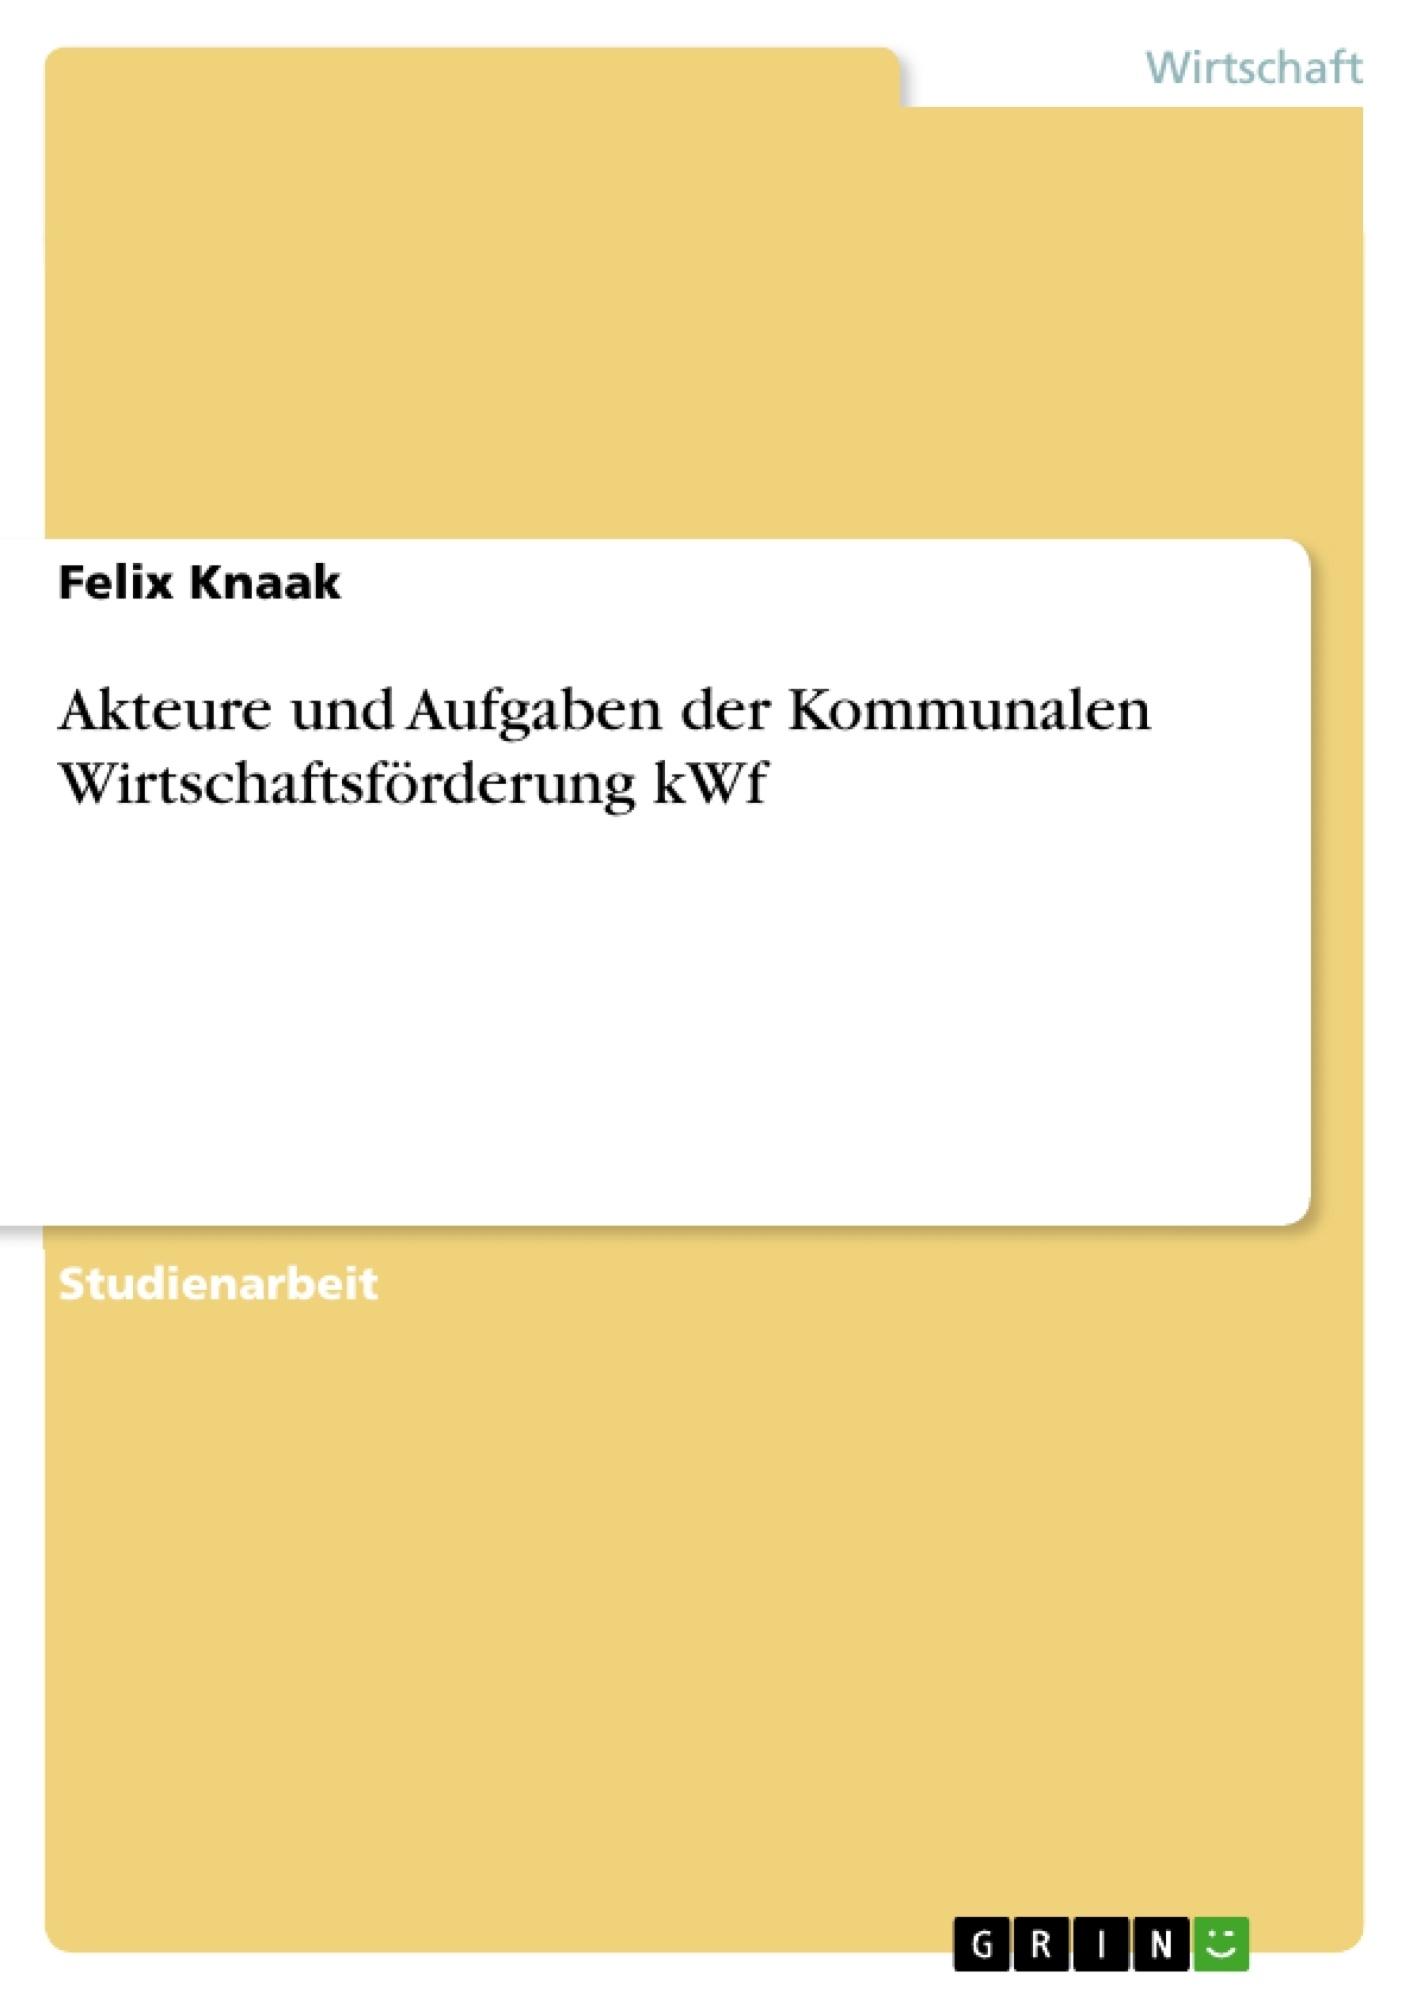 Titel: Akteure und Aufgaben der Kommunalen Wirtschaftsförderung kWf